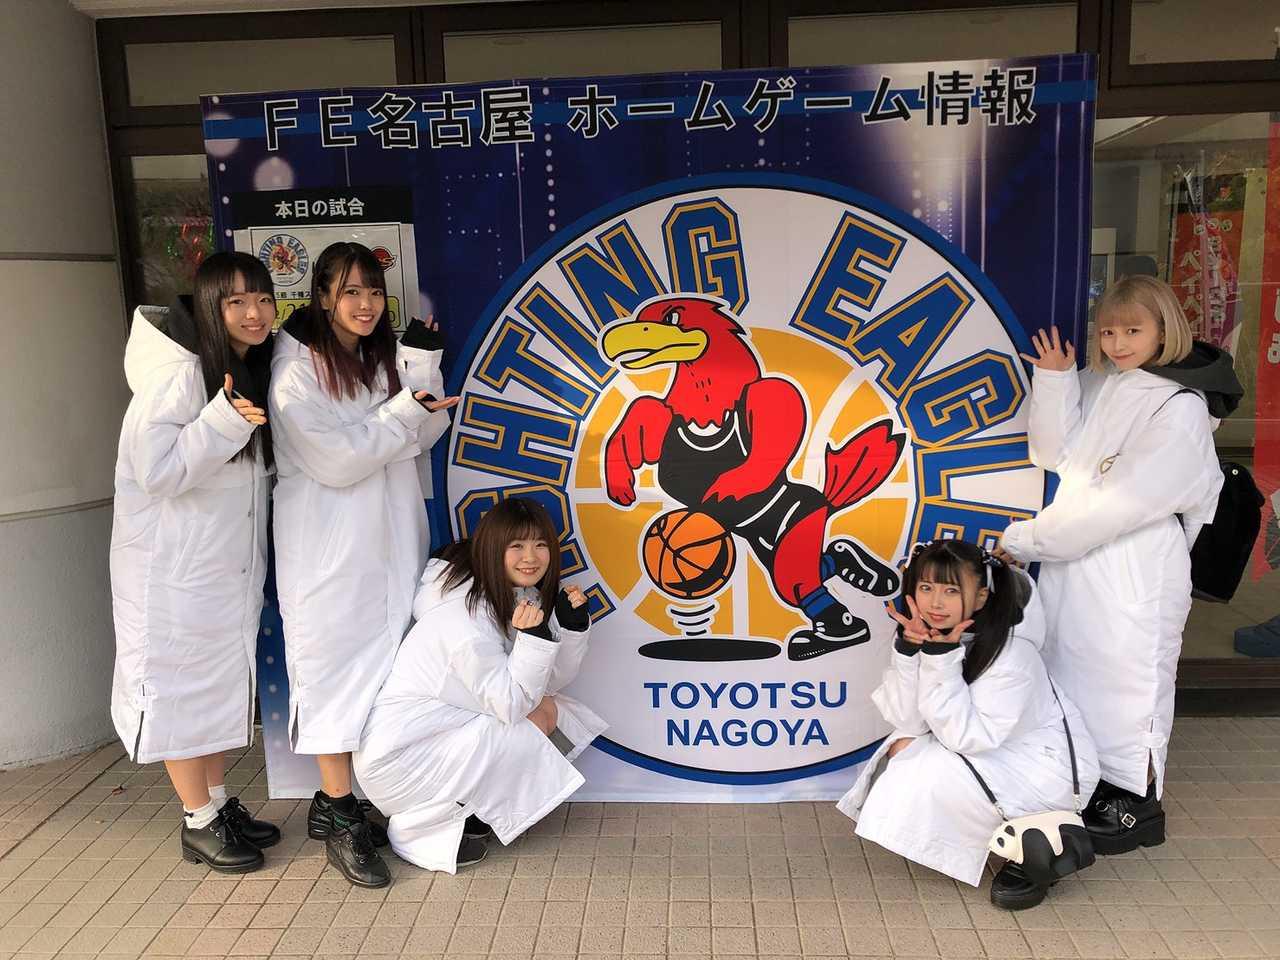 手羽先センセーション、プロバスケチーム「ファイティングイーグルス名古屋 」ホームゲームにゲスト出演決定!